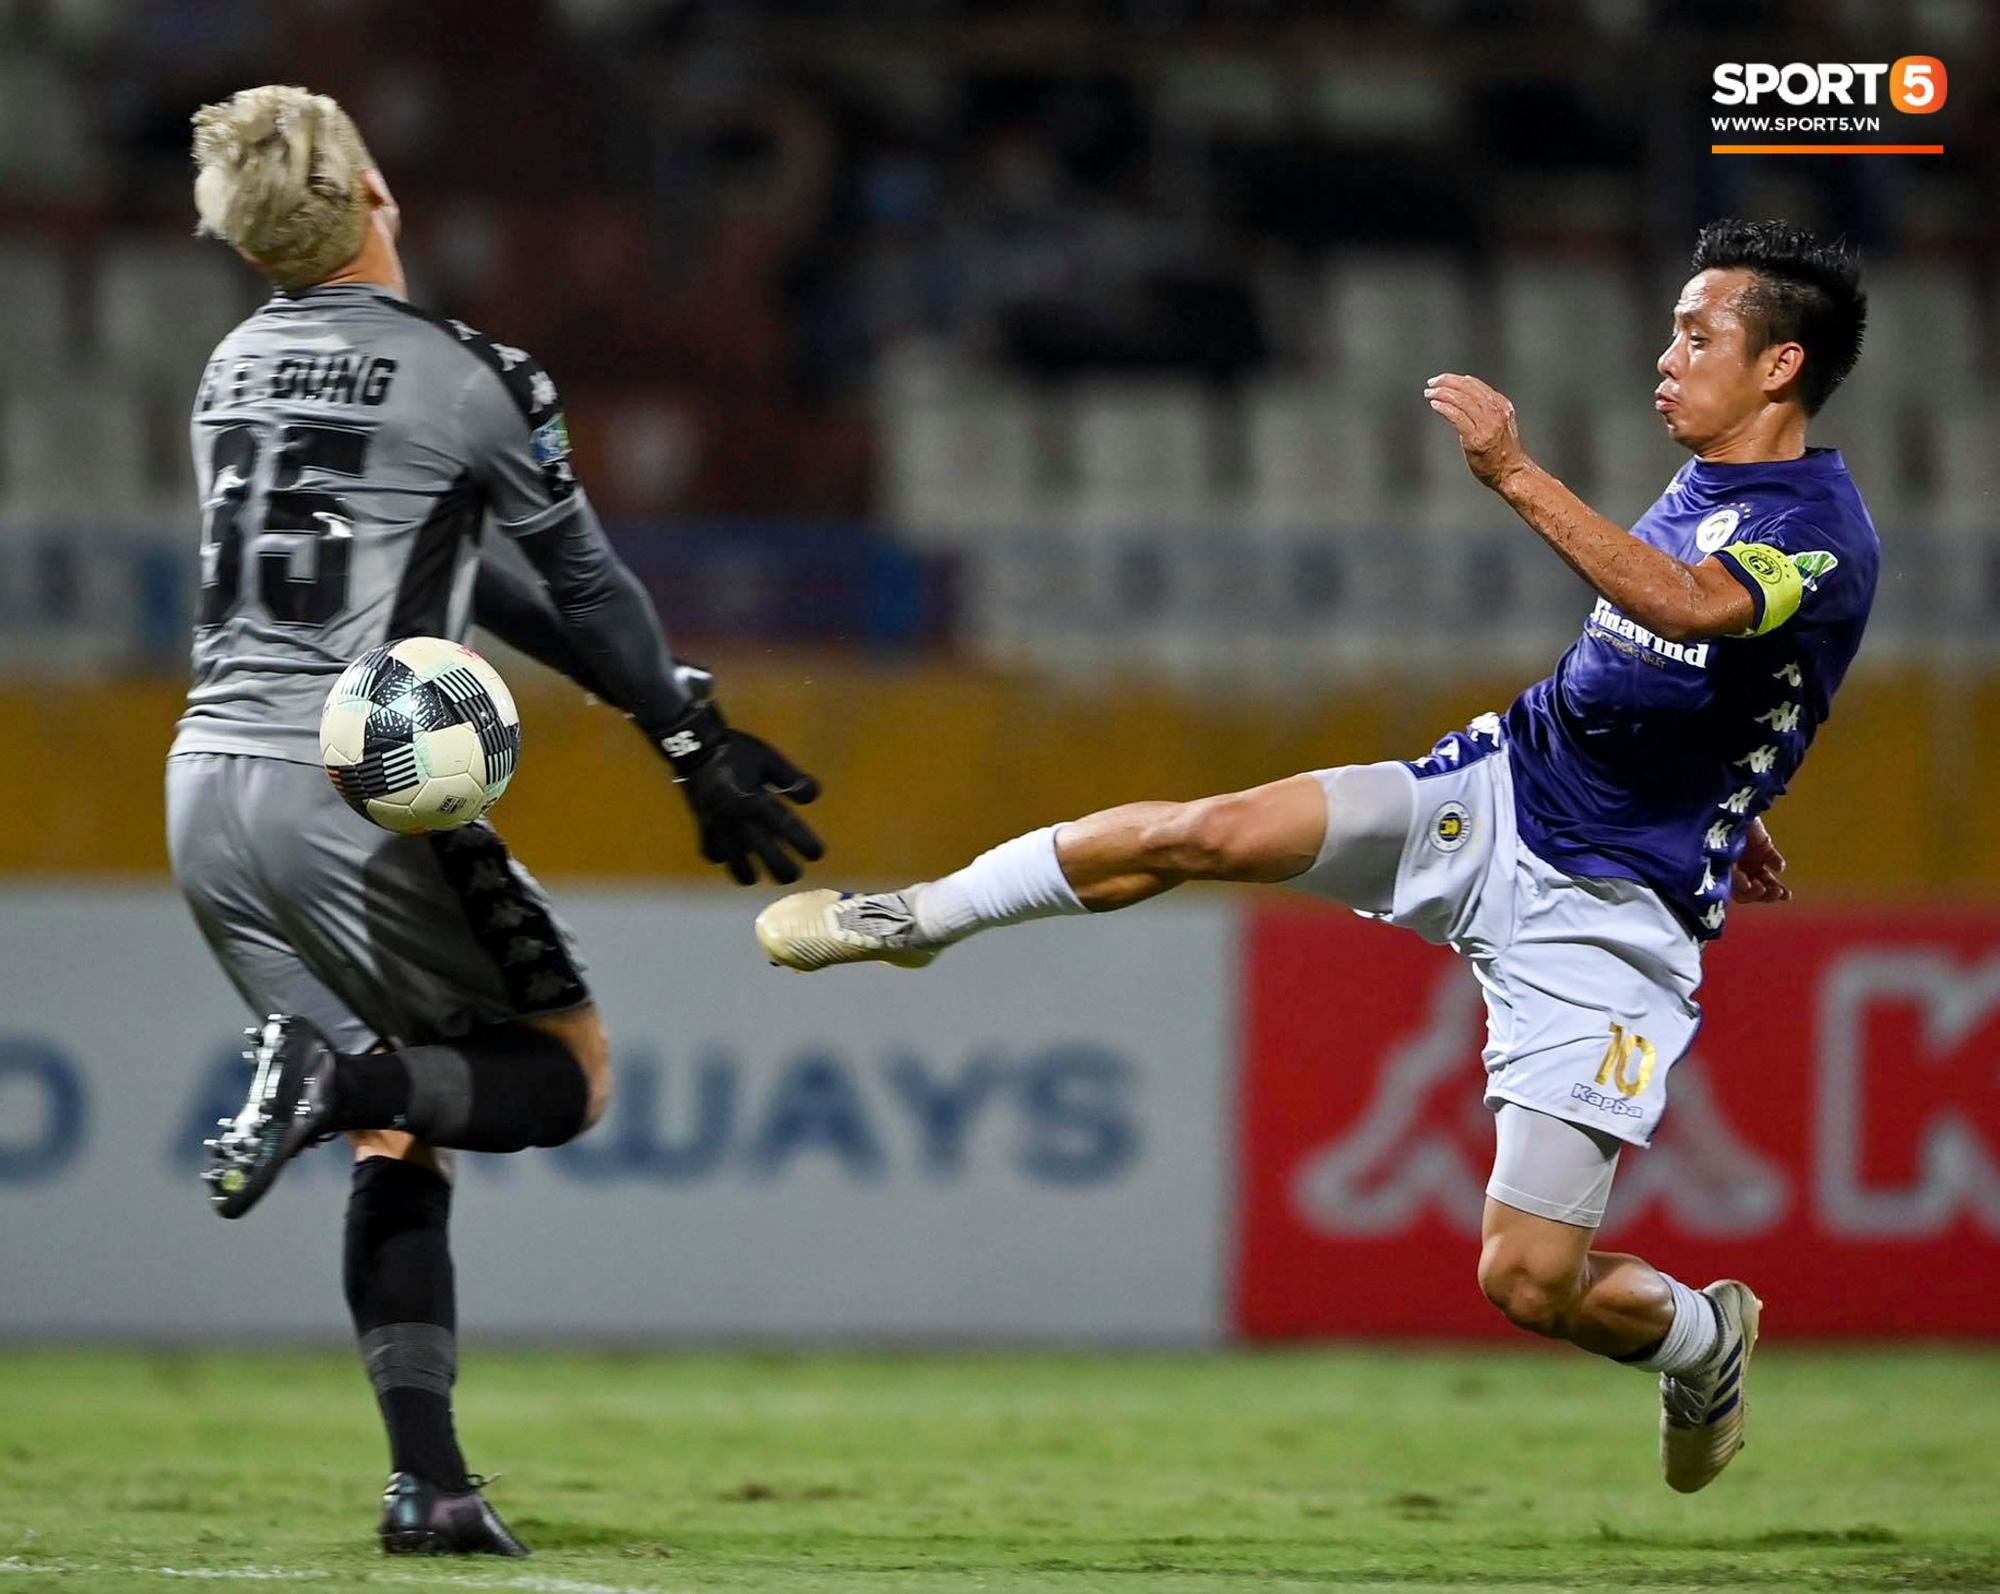 Bùi Tiến Dũng xử lý khiến cầu thủ Hà Nội FC tẽn tò nhưng không che lấp nổi ngày thảm hoạ - Ảnh 3.